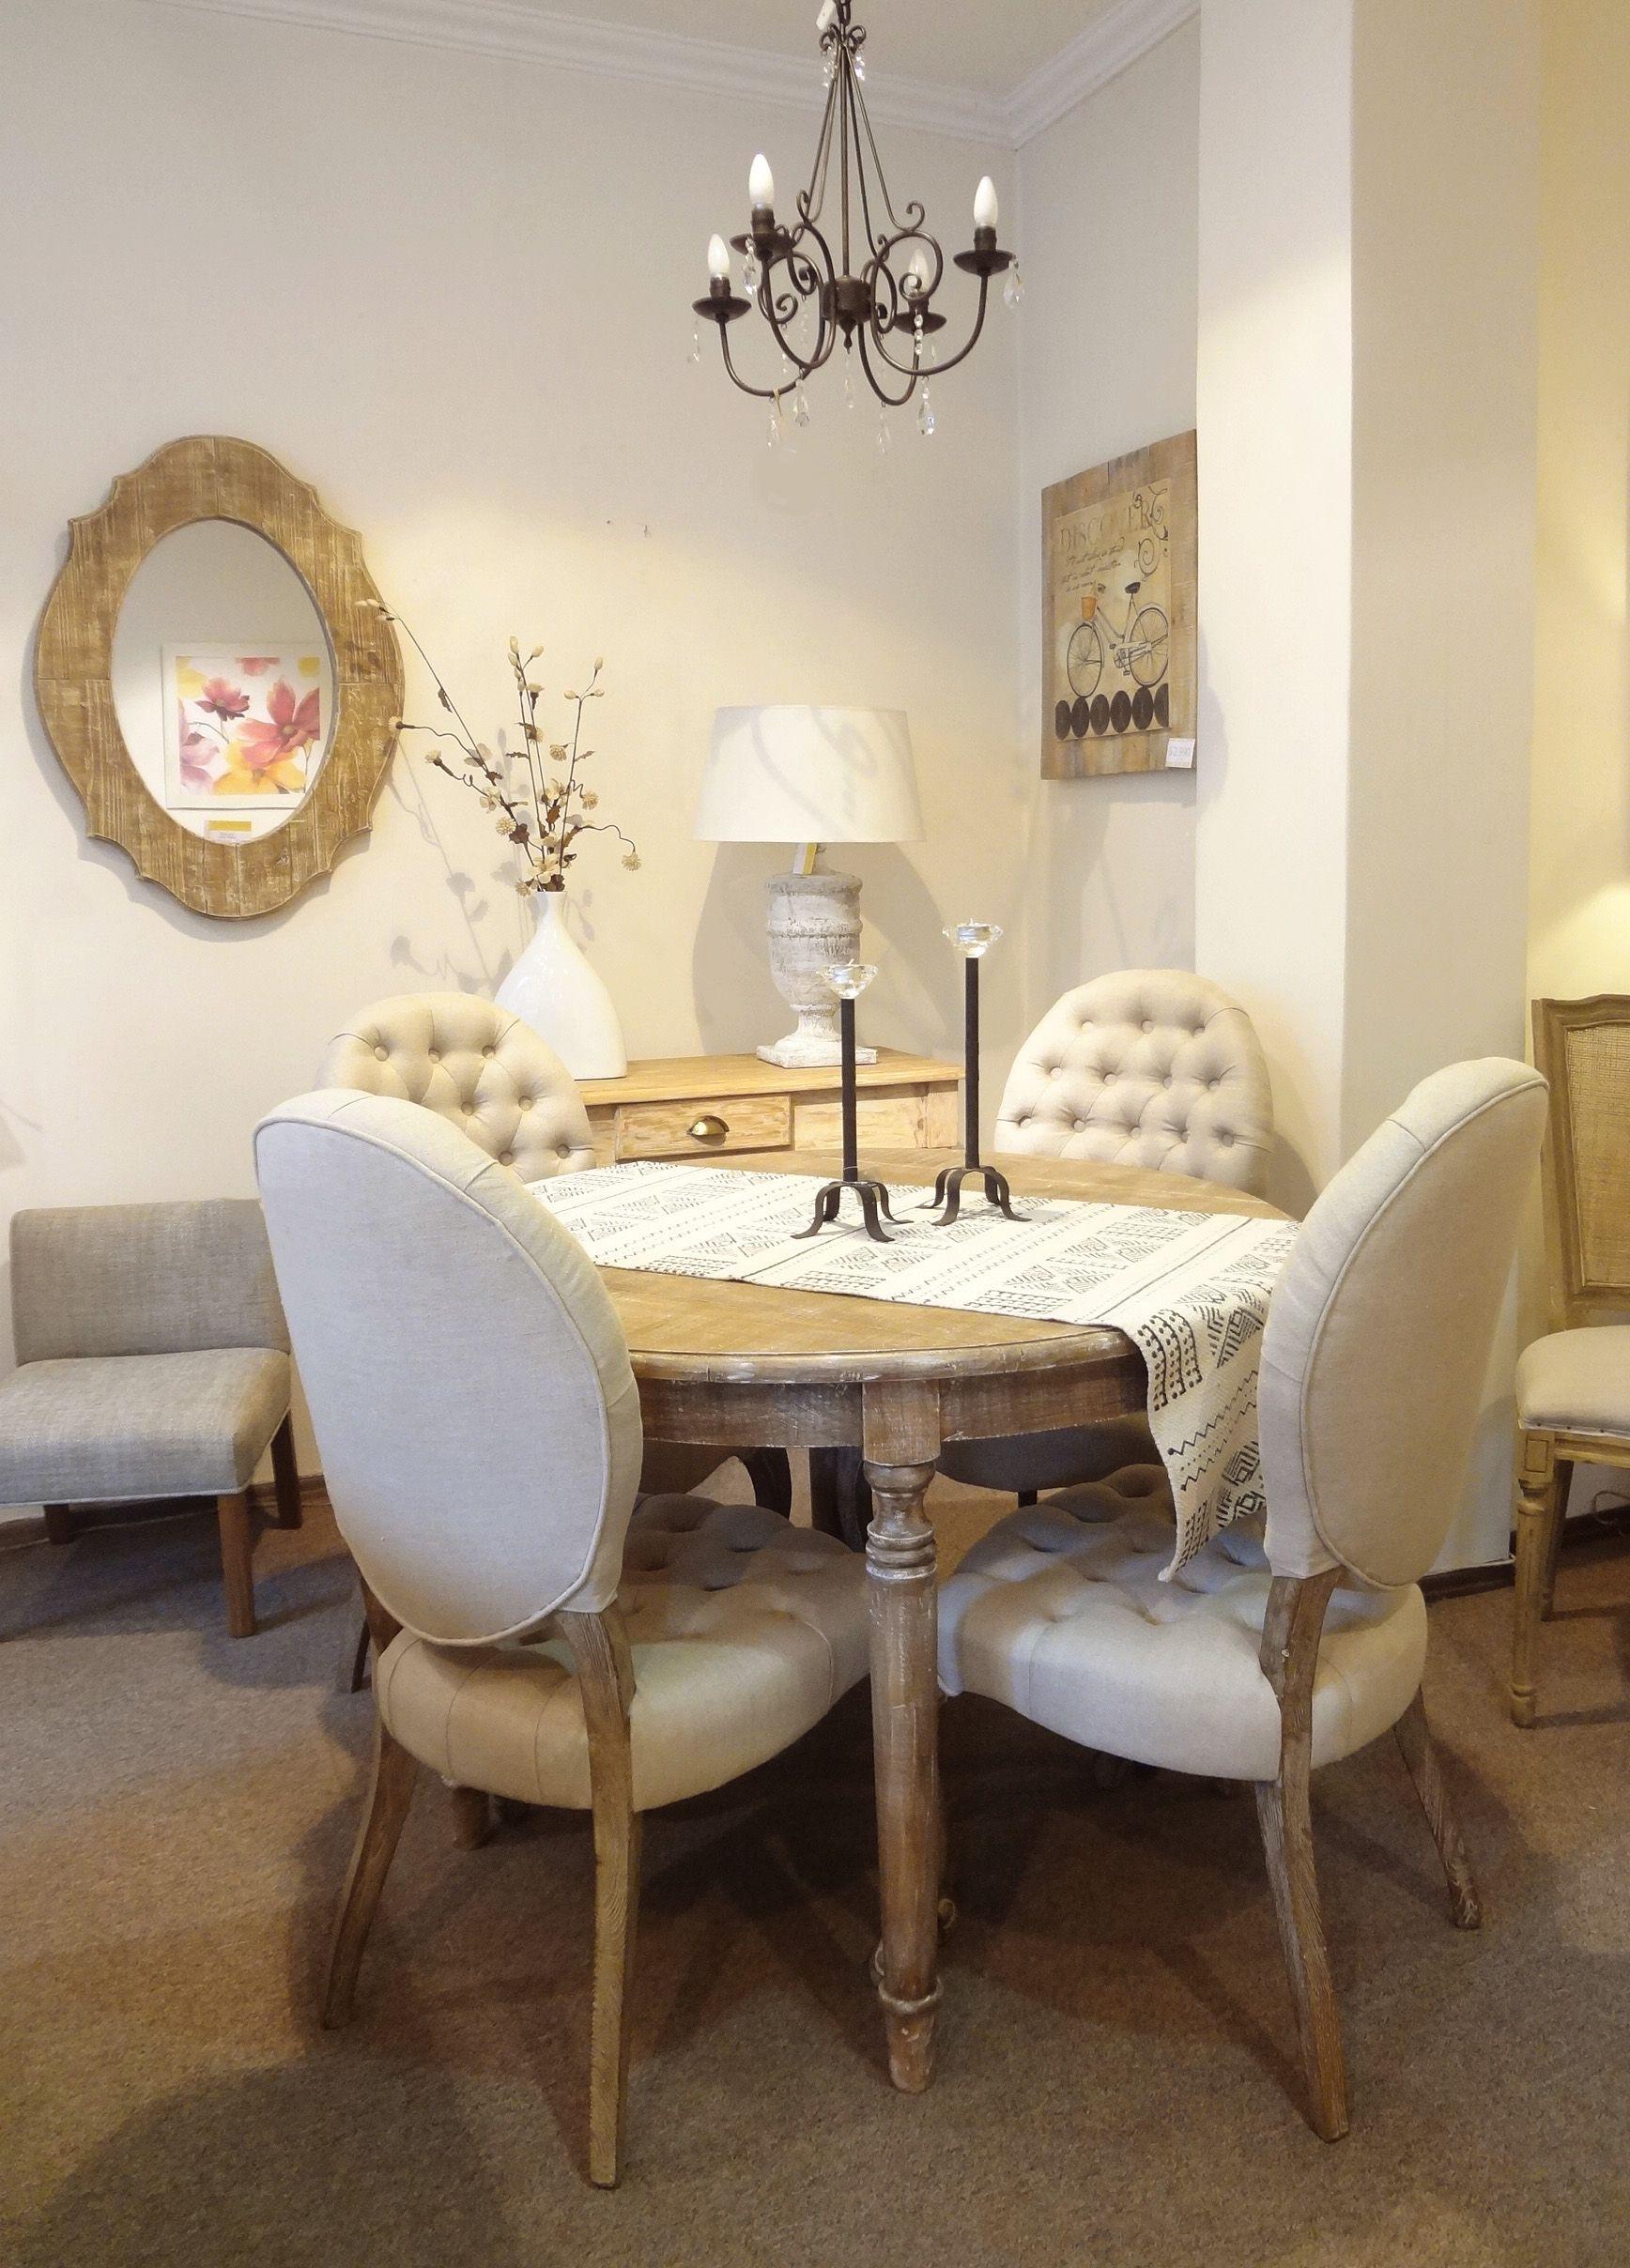 Mesa imperio de 110cm de di metro combinada con sillas de for Sillas comedor rusticas